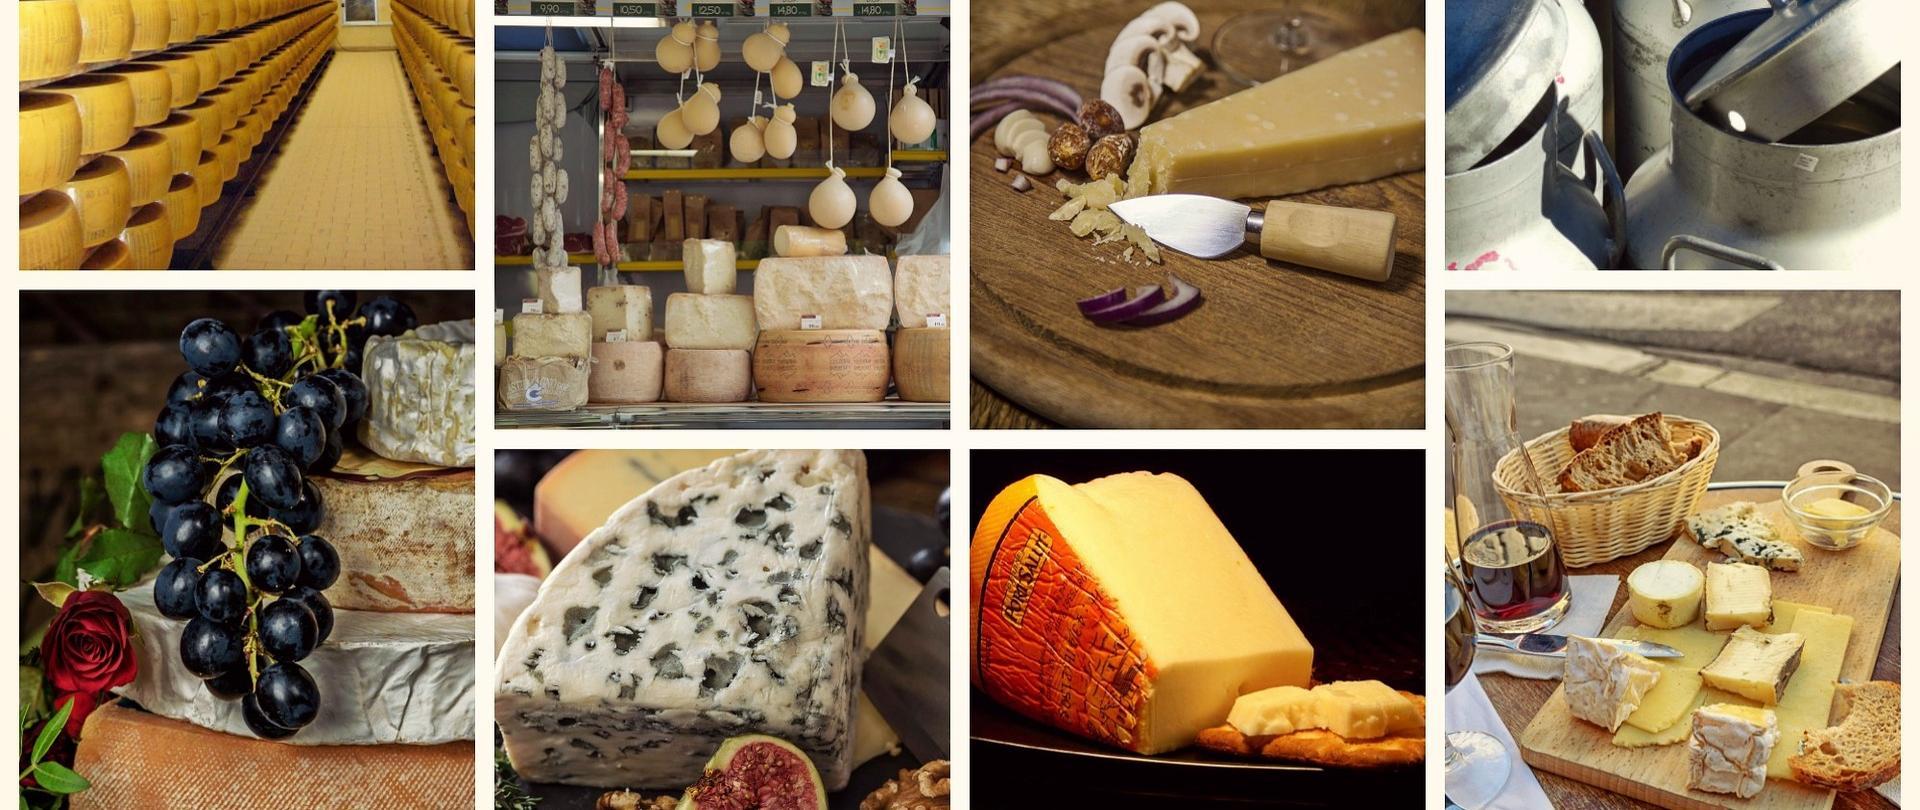 Kolaż zdjęć produktów mlecznych: sery pleśniowe, sery dojrzewające, sery żółte oraz krowy i cielaki.